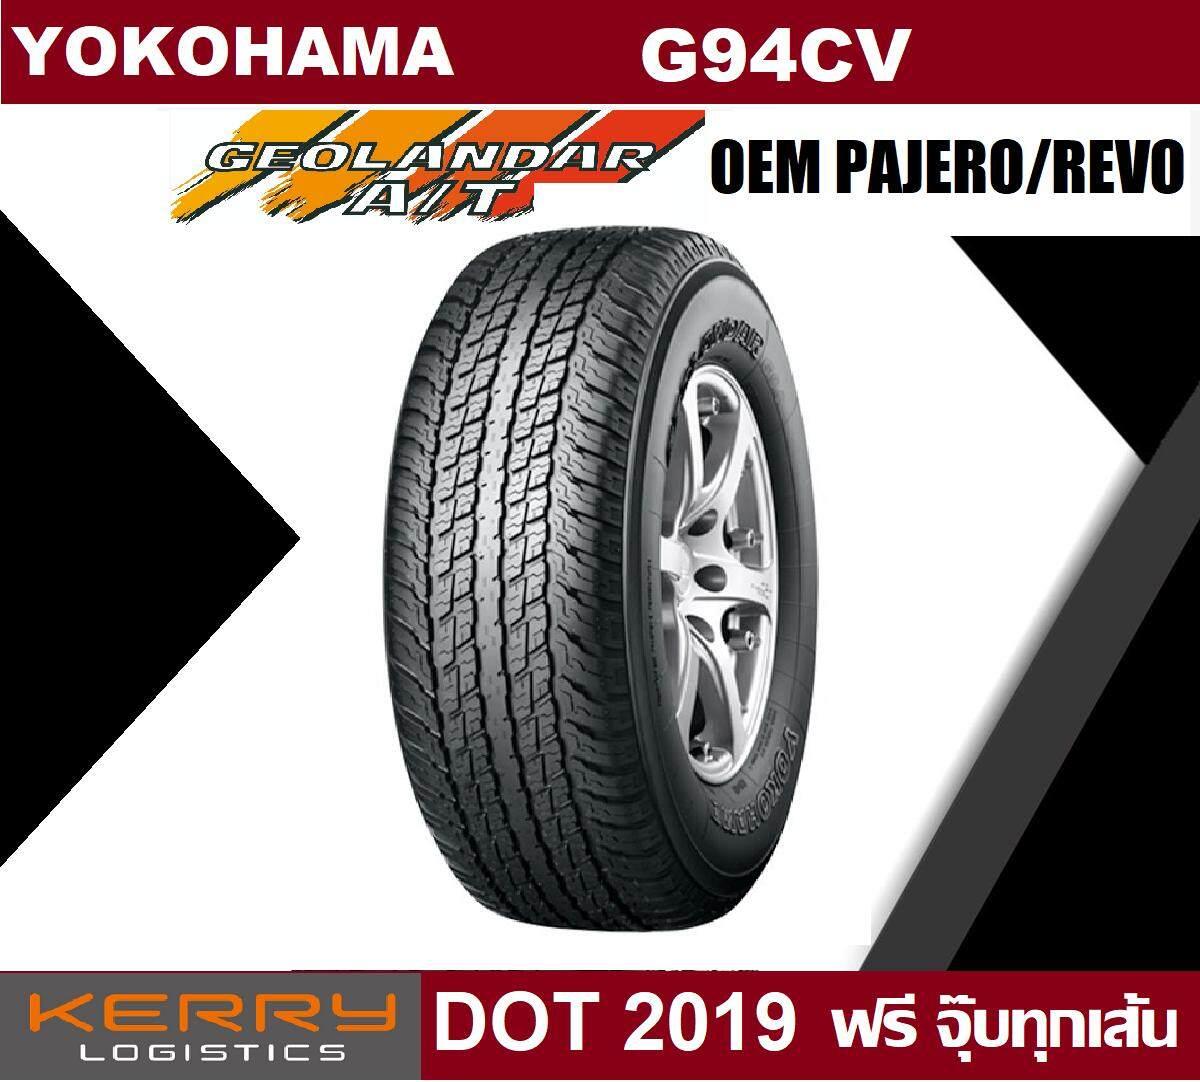 ประกันภัย รถยนต์ แบบ ผ่อน ได้ ปัตตานี OEM ยางรถยนต์ Yokohama รุ่น Geolandar G94CV ขนาด 265/70R16 จำนวน 4 เส้น (2019)